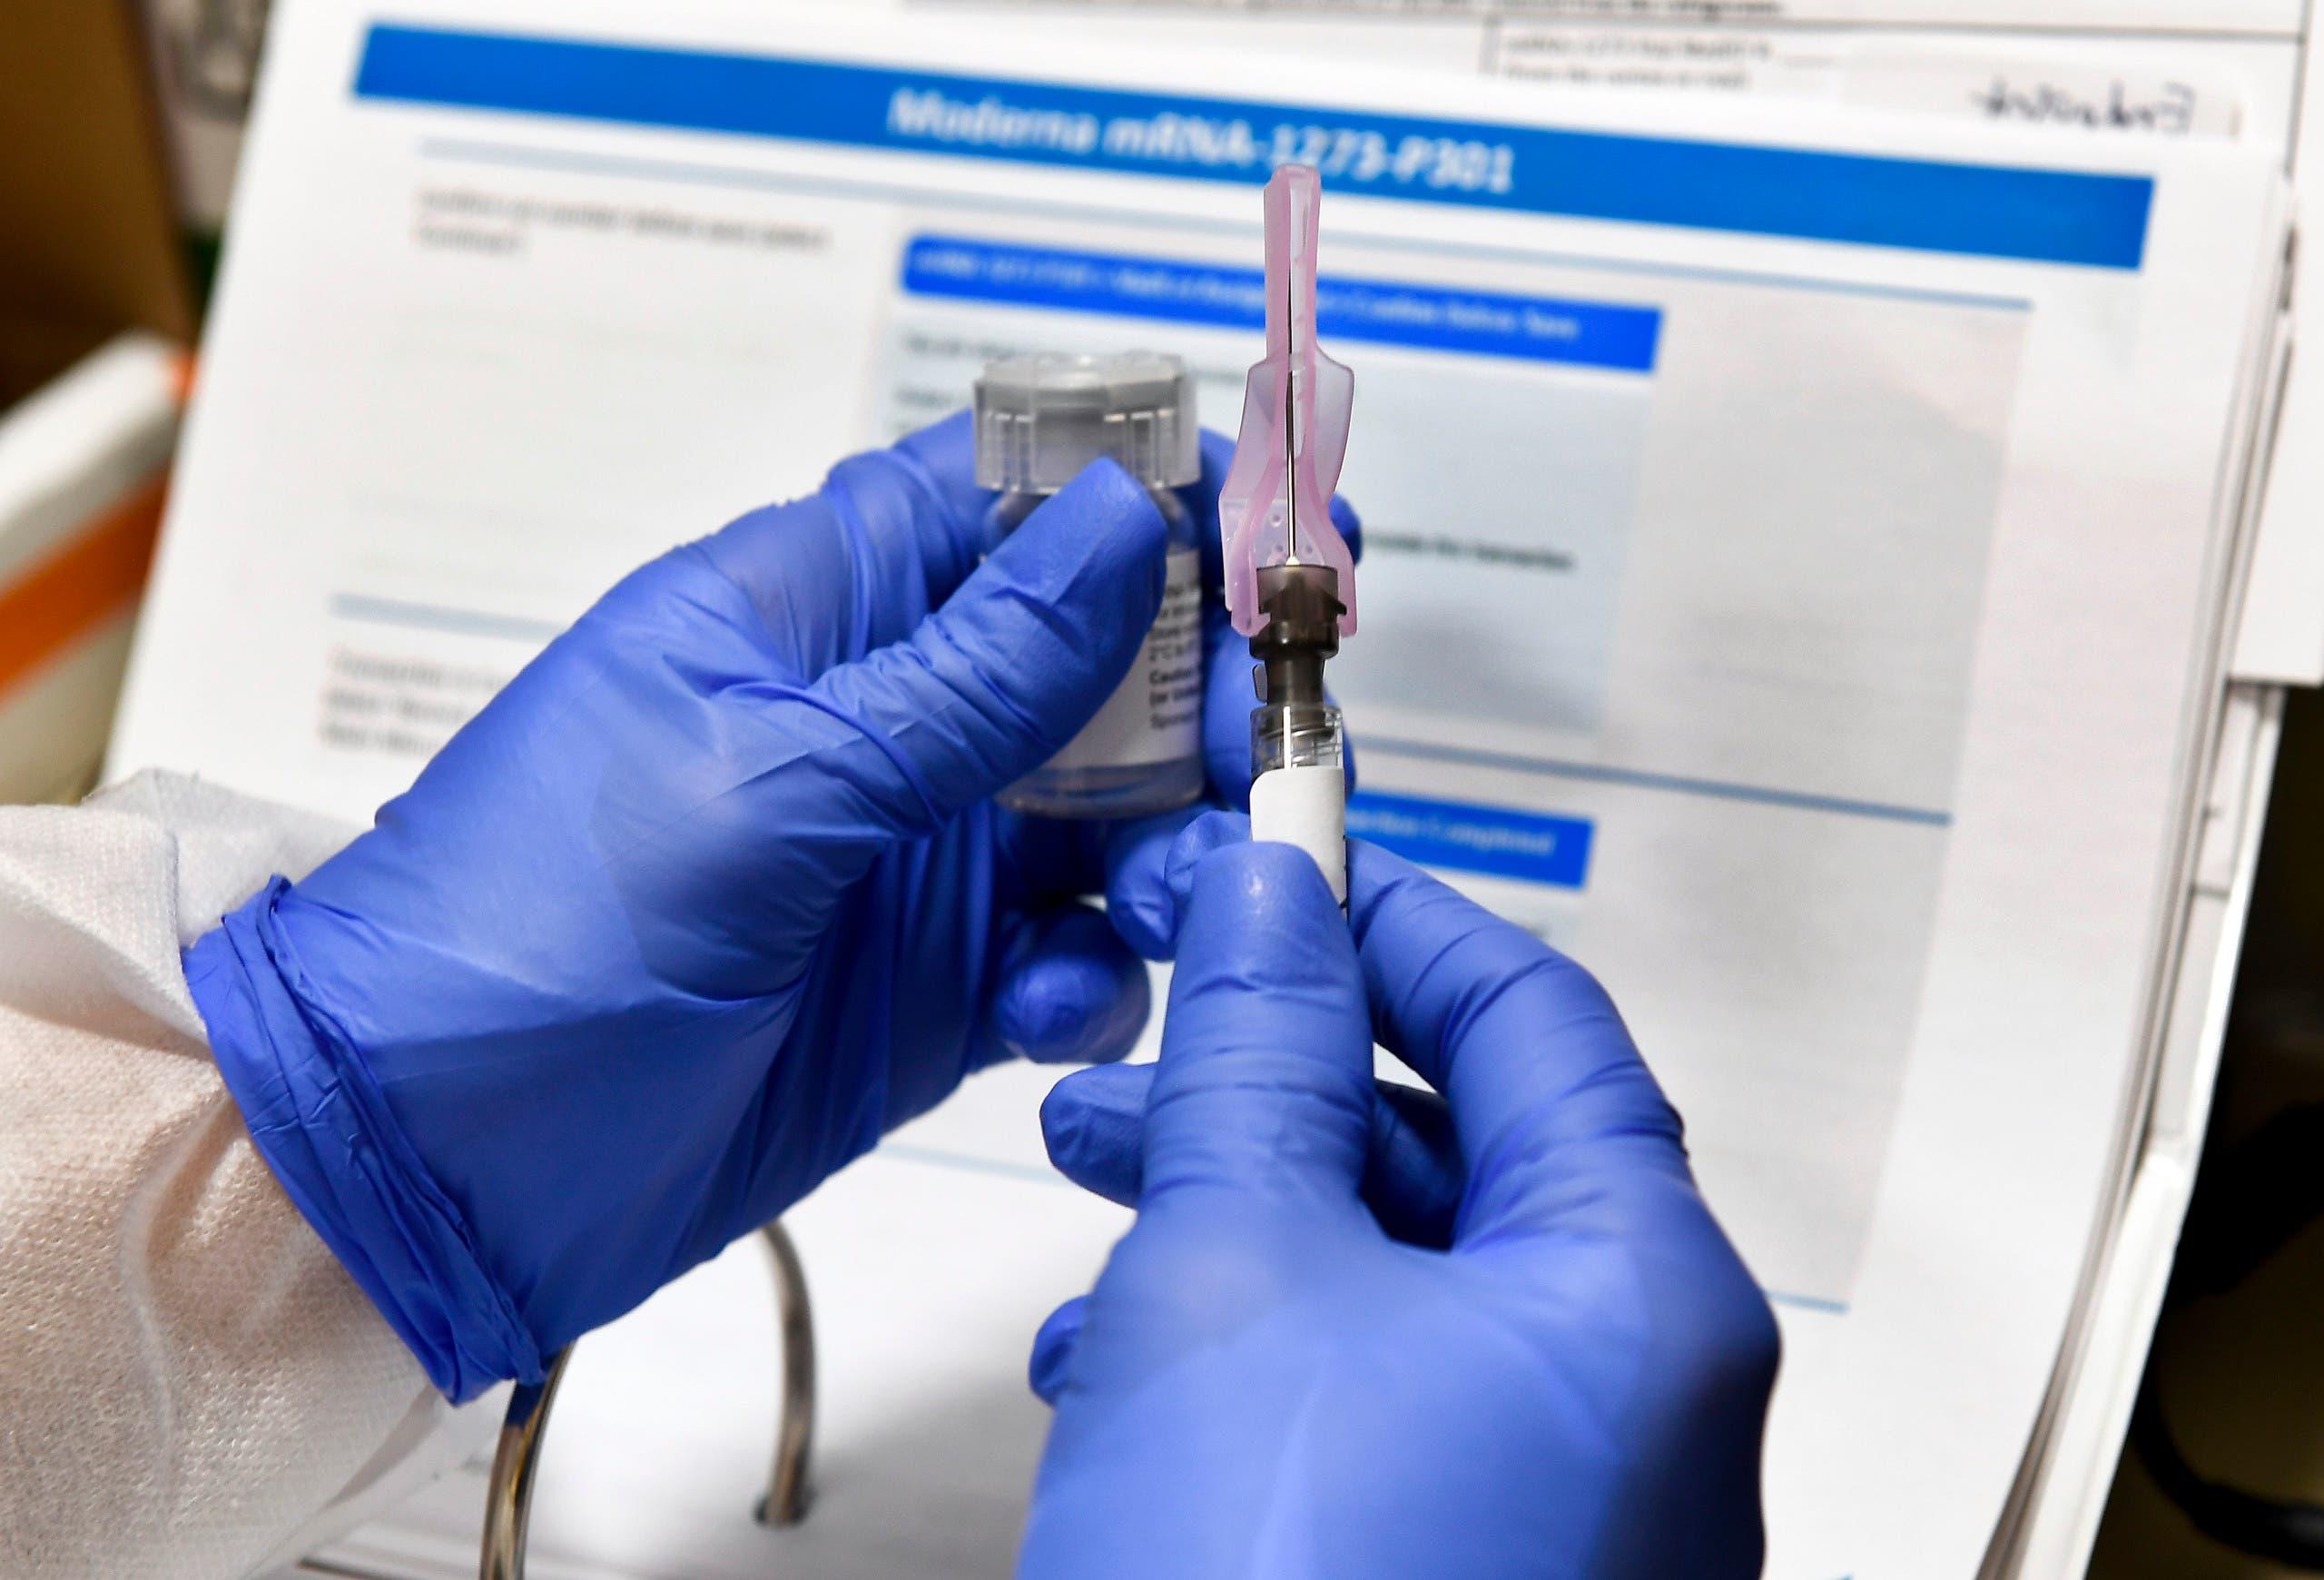 جرعة من اللقاح الذي تطوره مودرنا